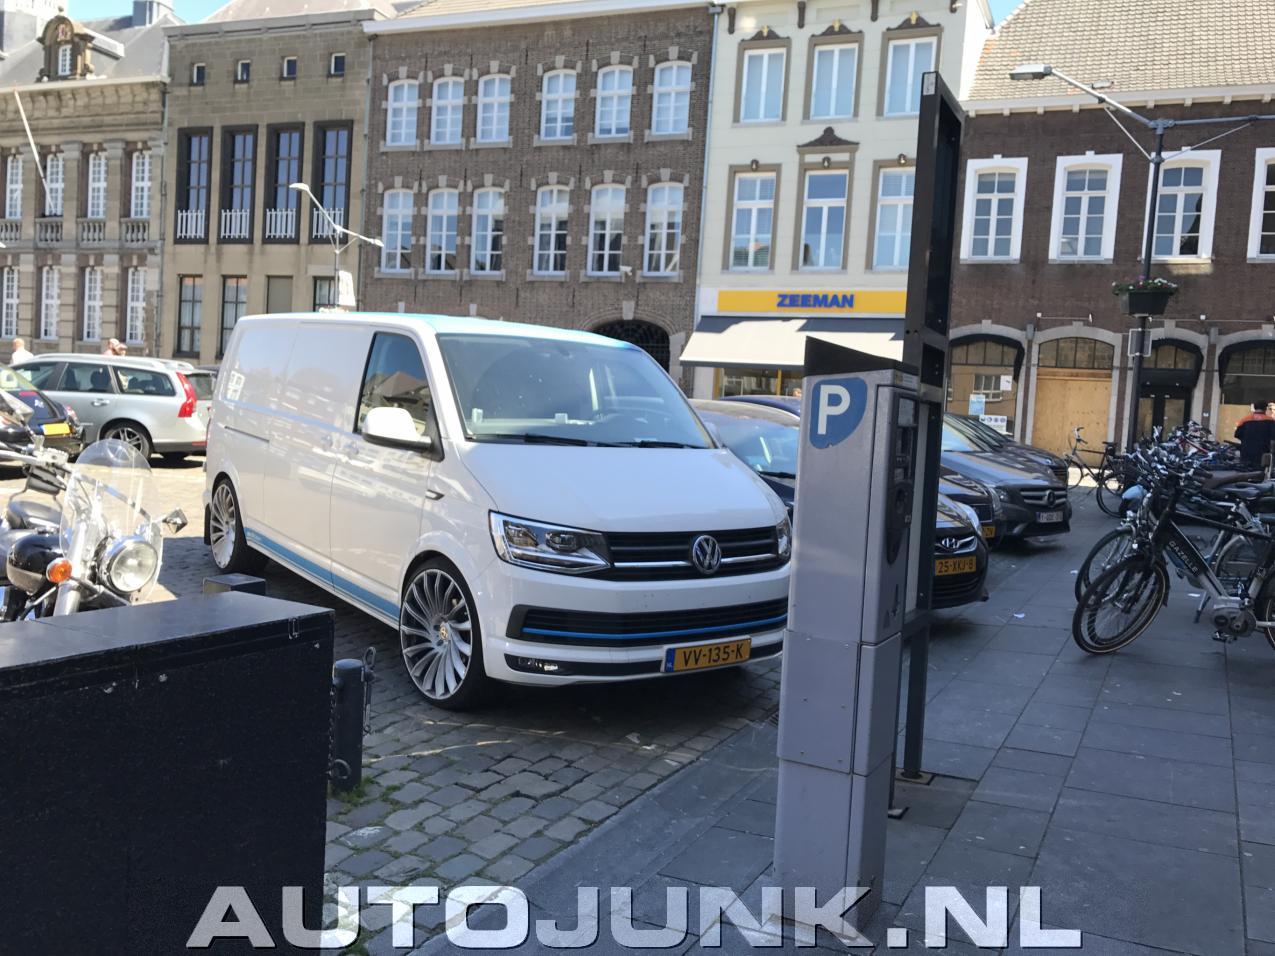 Onwijs Volkswagen Transporter met flinke velgen foto's » Autojunk.nl (197455) MK-67